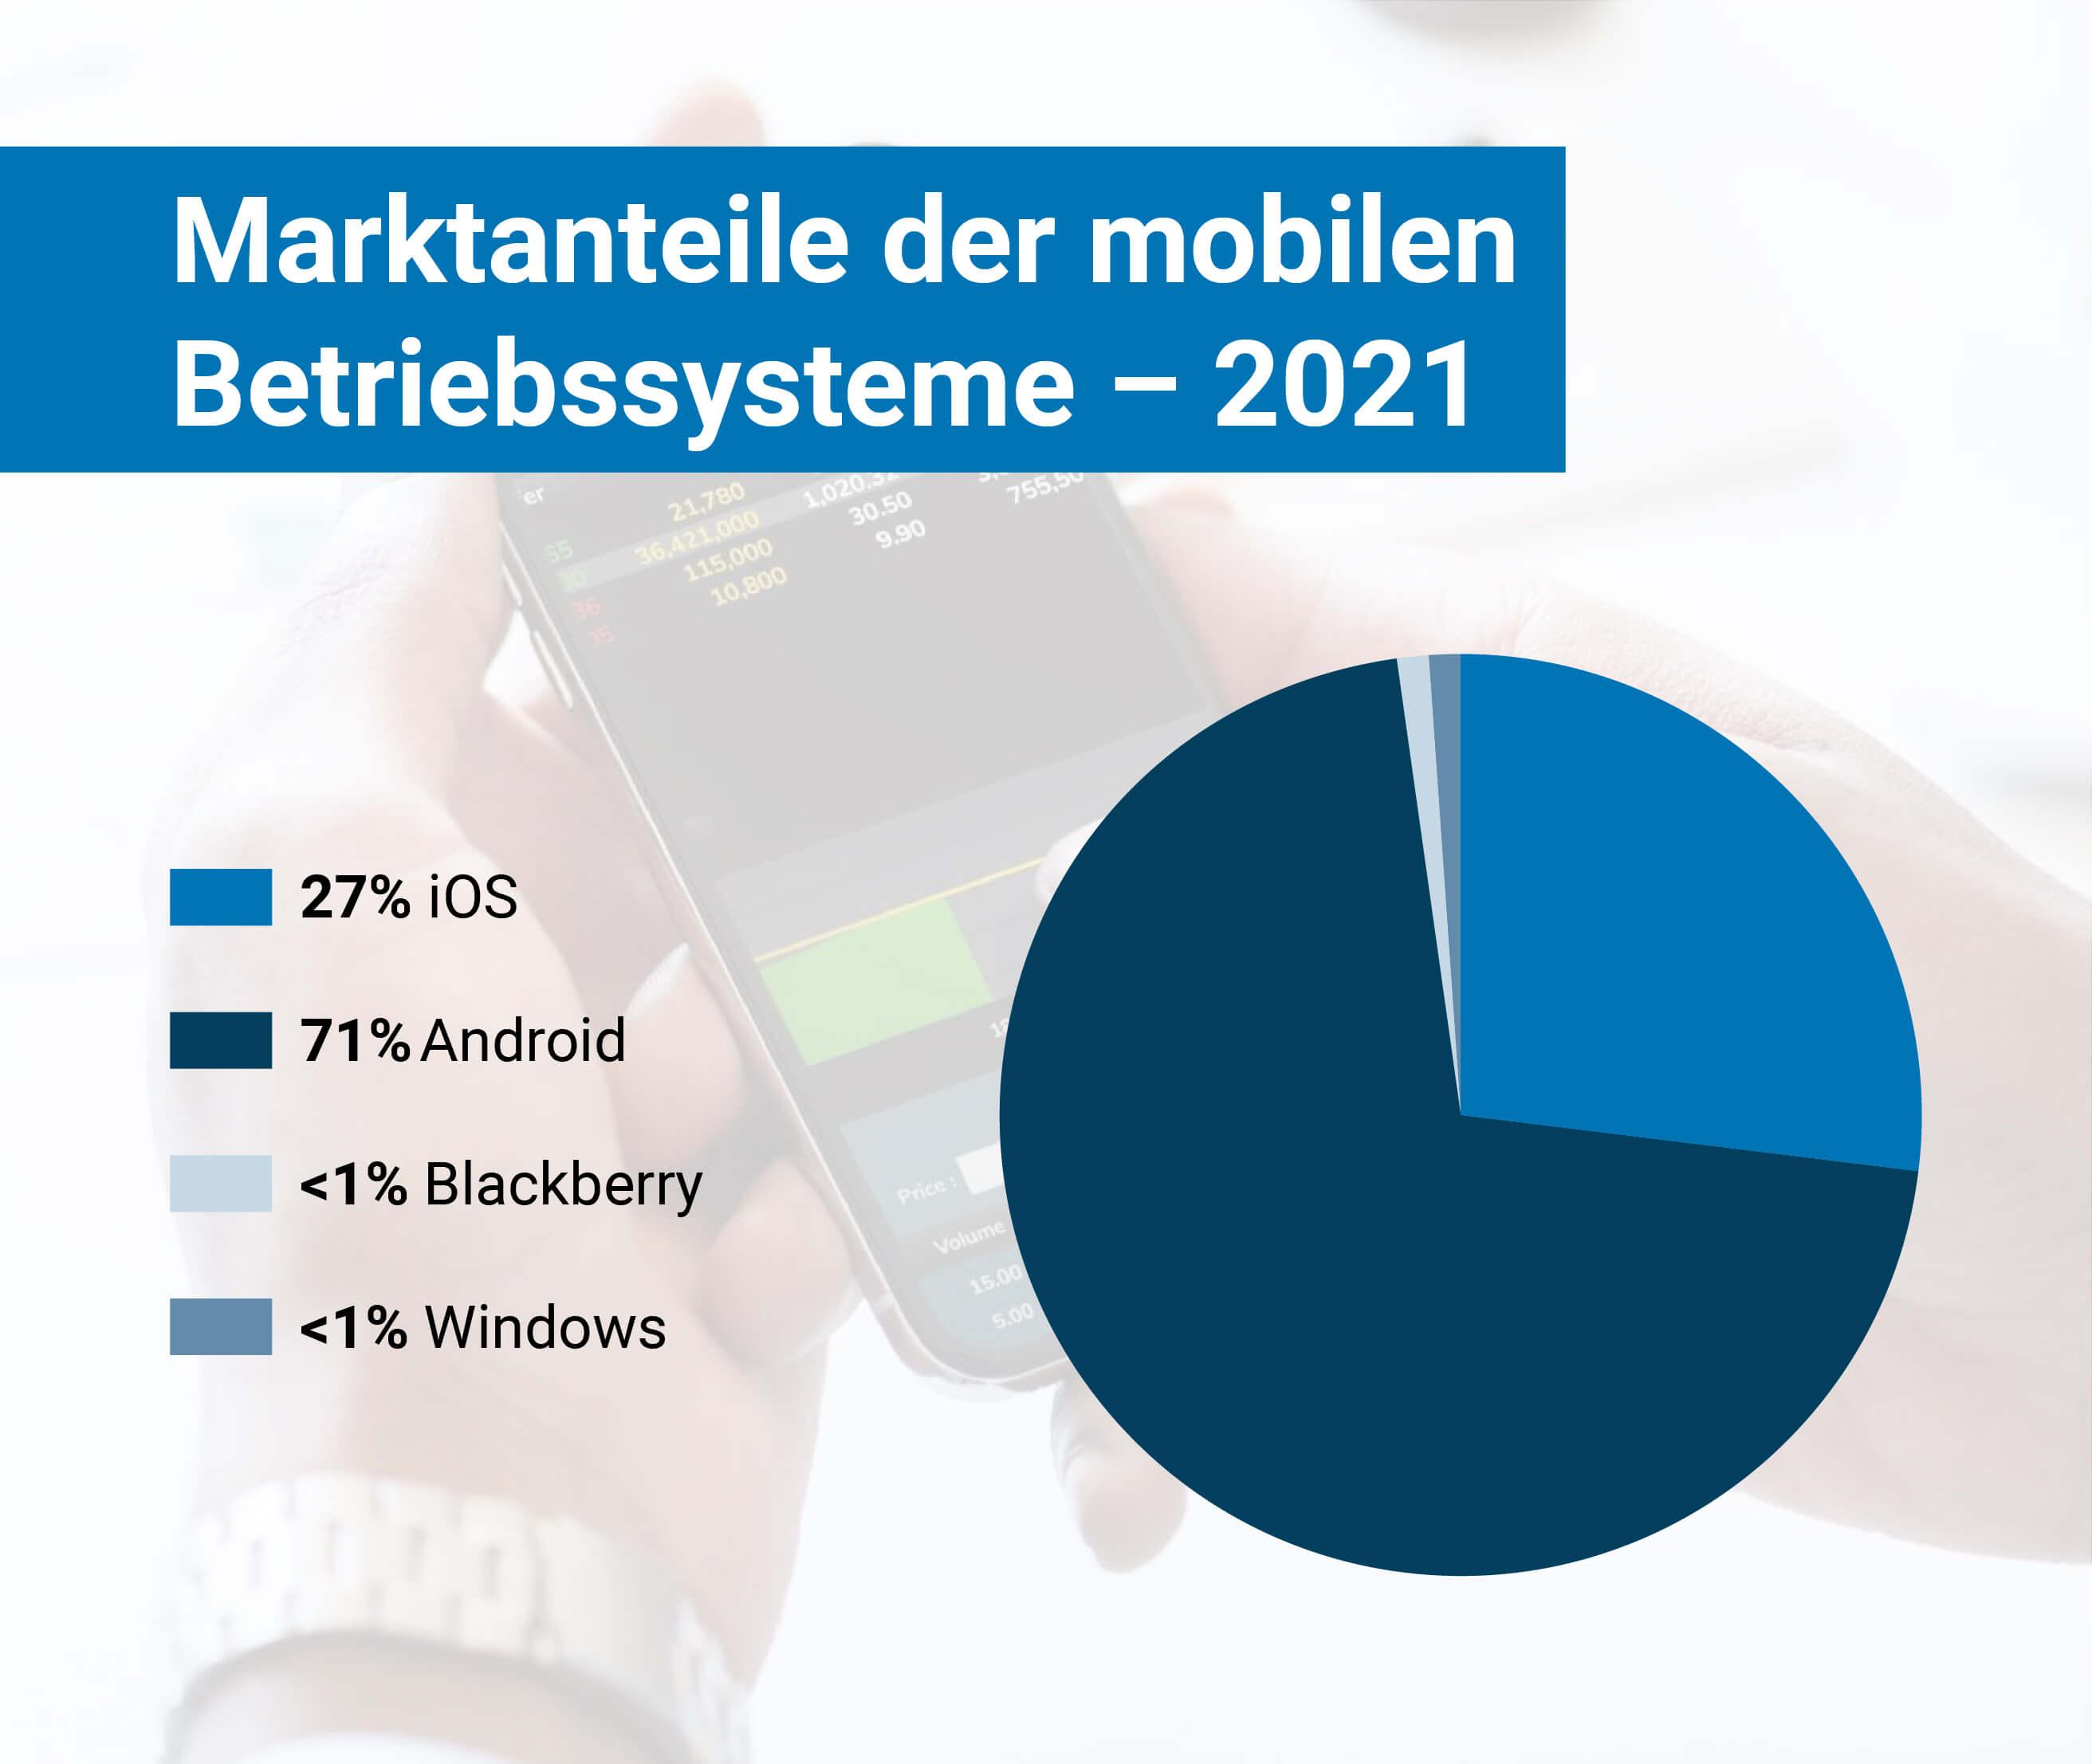 Marktanteile mobiler Betriebssysteme 2021